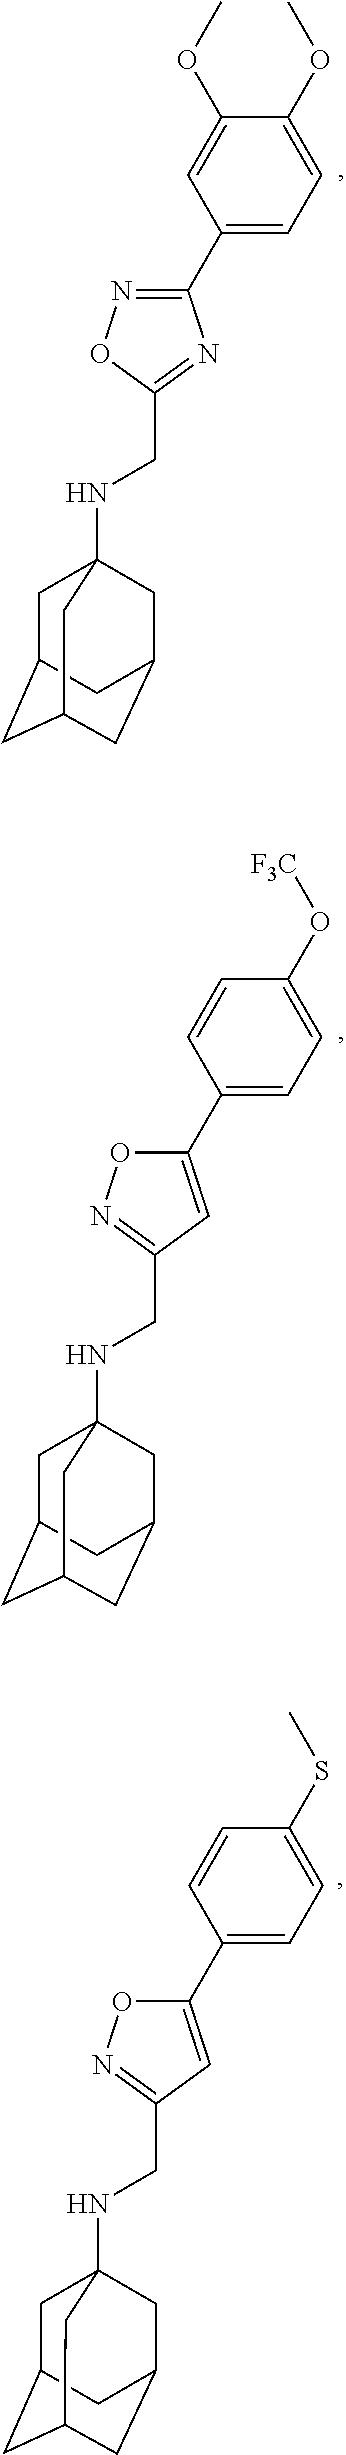 Figure US09884832-20180206-C00190